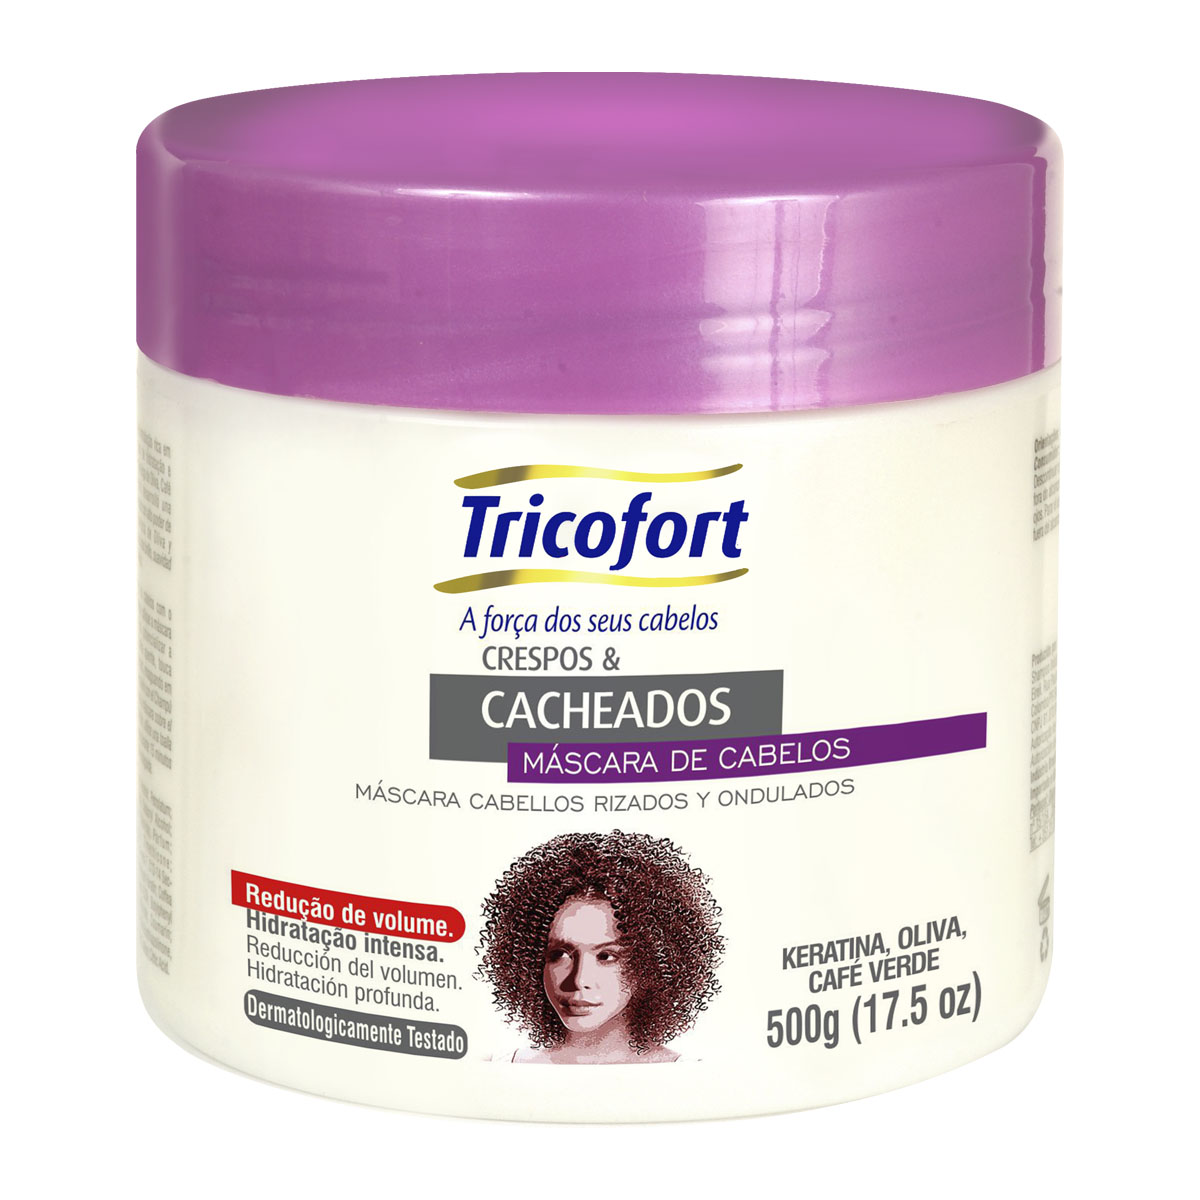 Máscara Cacheados 0,5kg - Tricofort